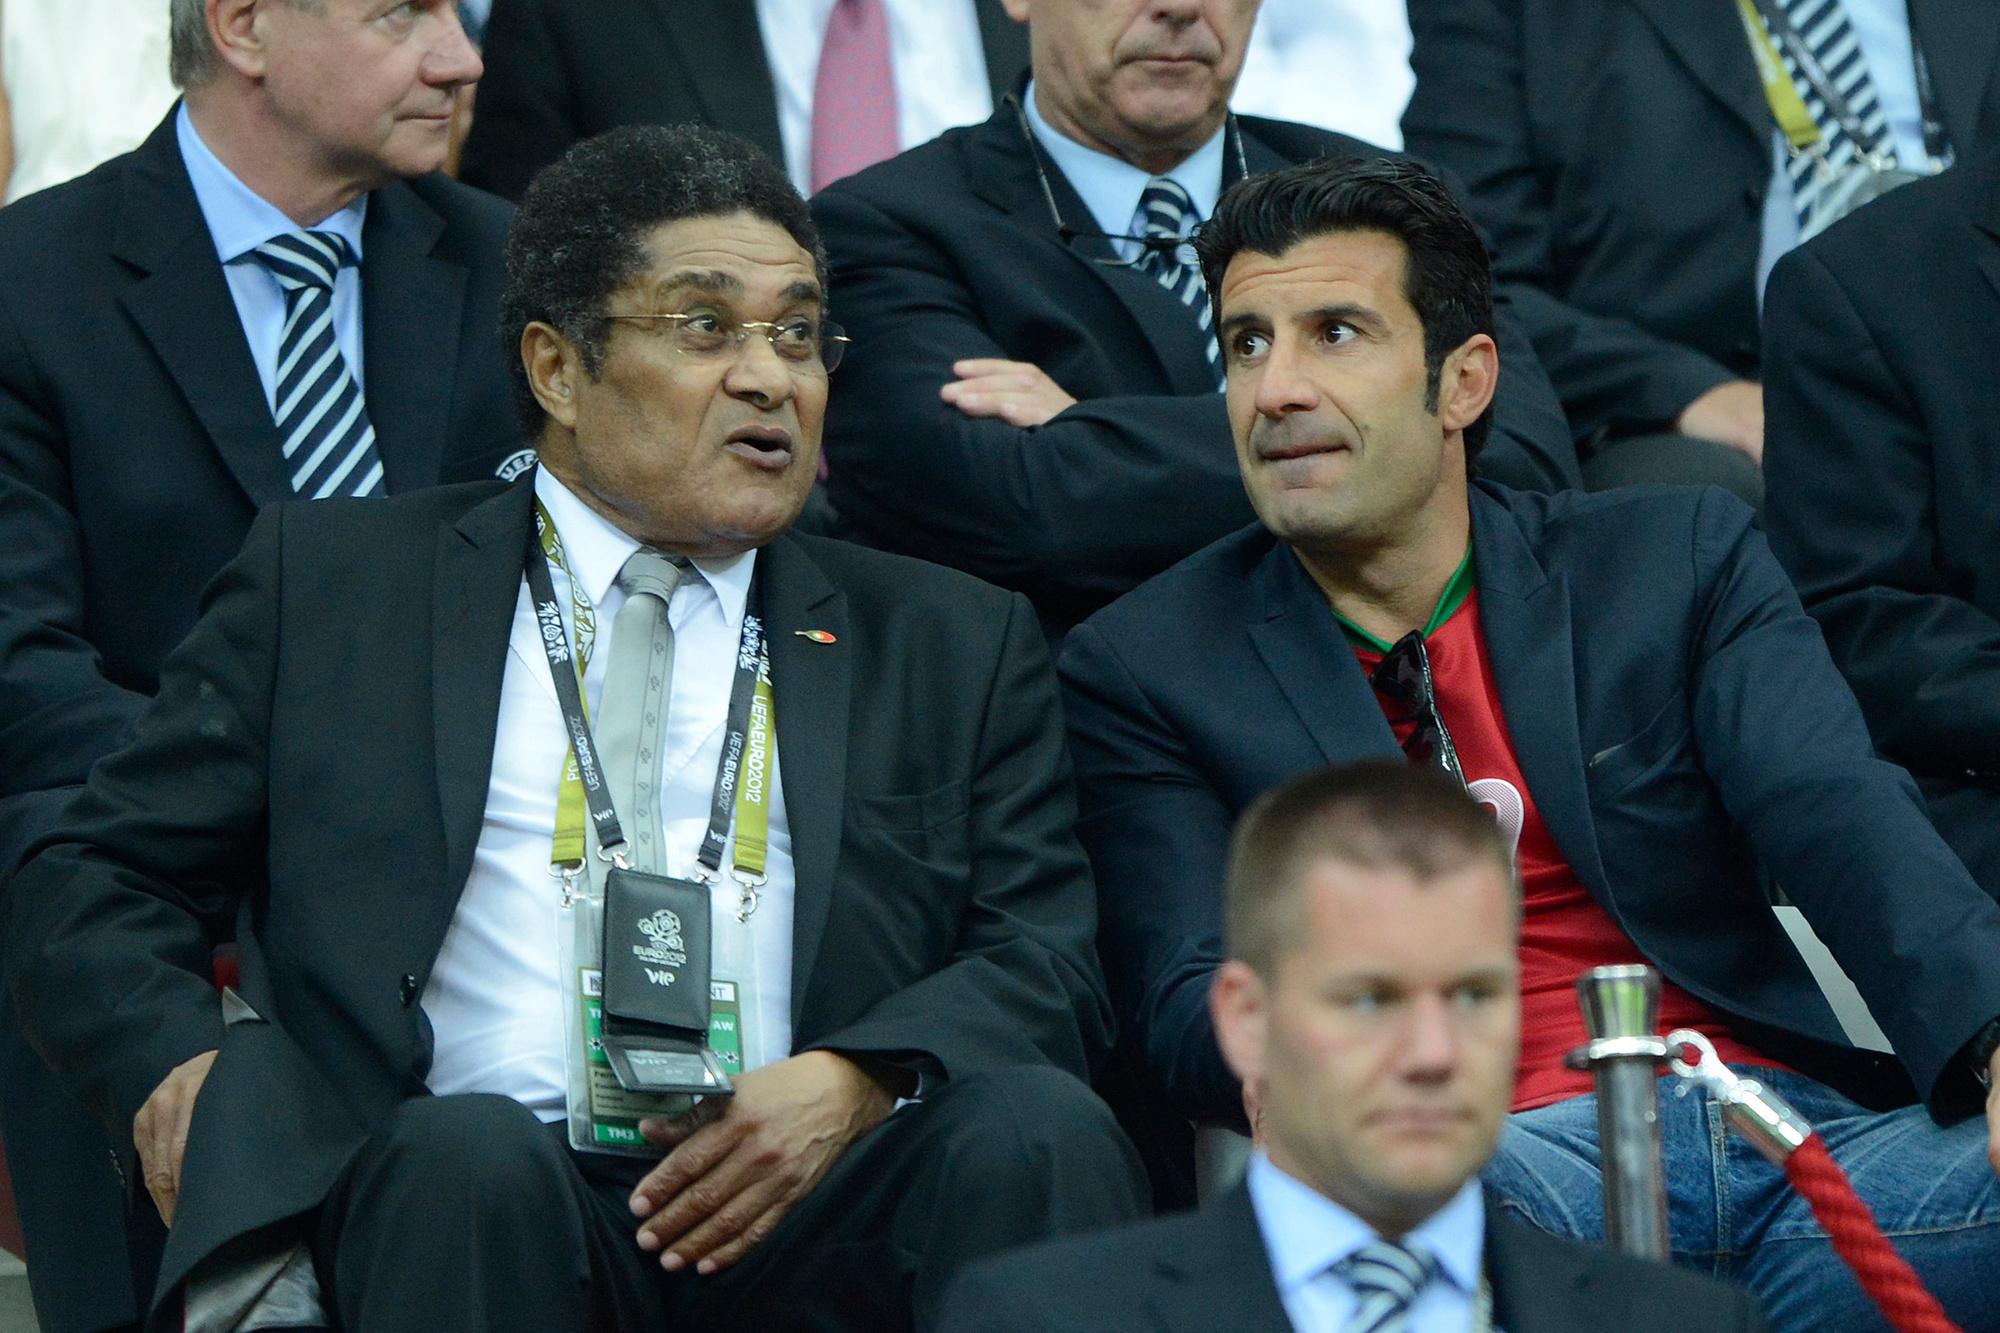 Eusebio (l) met die andere Portugese voetbalster Luis Figo (r), Belga Image